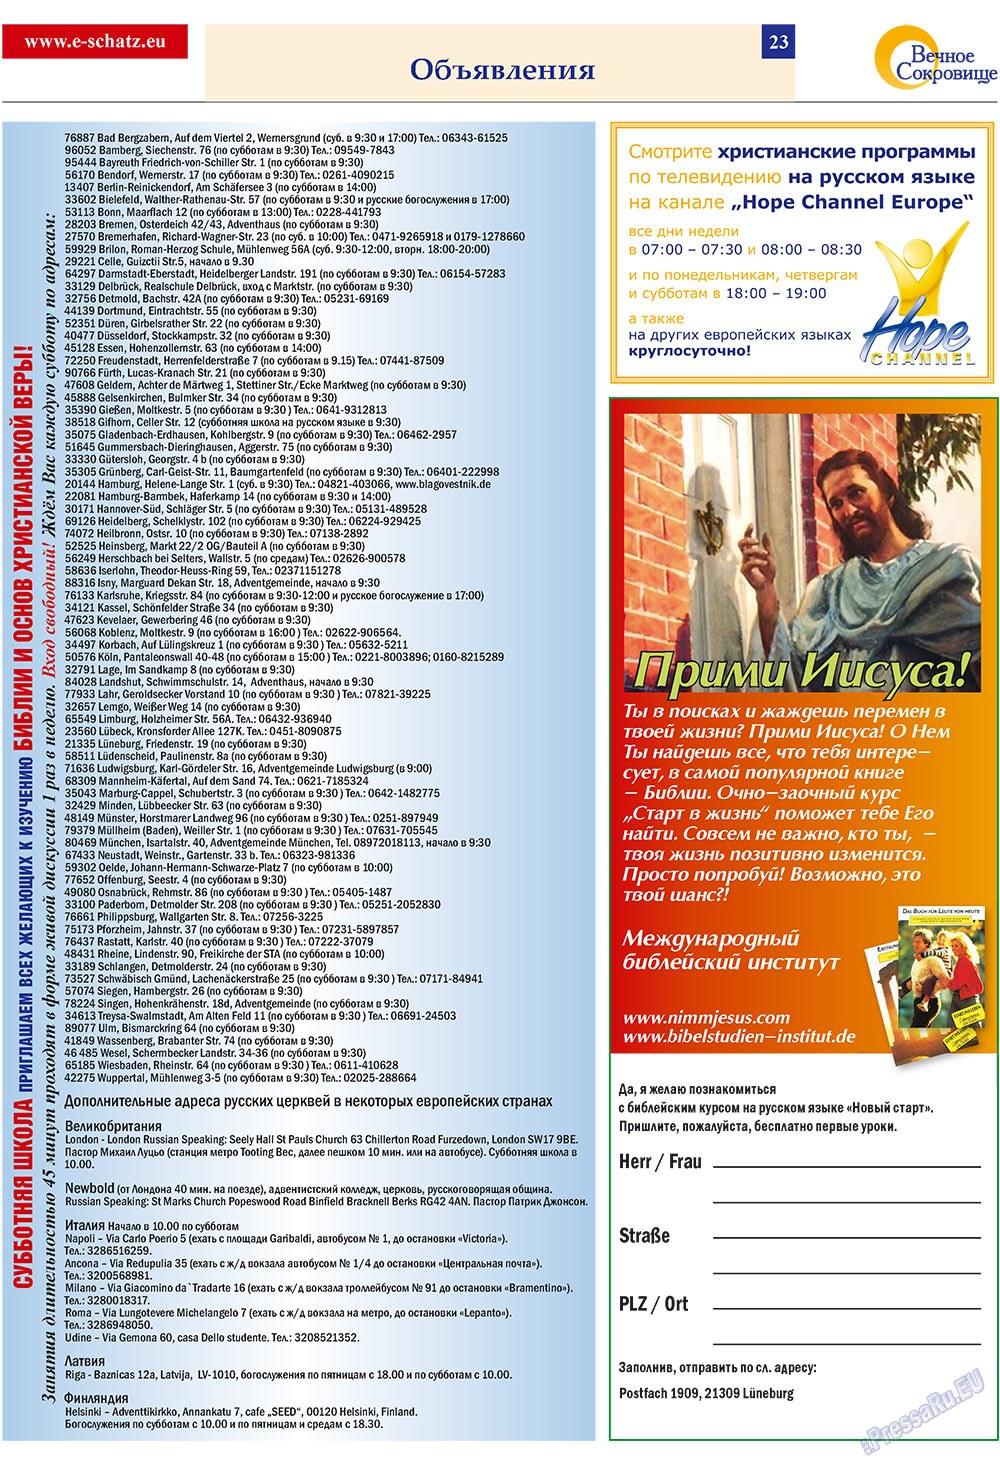 Вечное сокровище (газета). 2009 год, номер 2, стр. 23